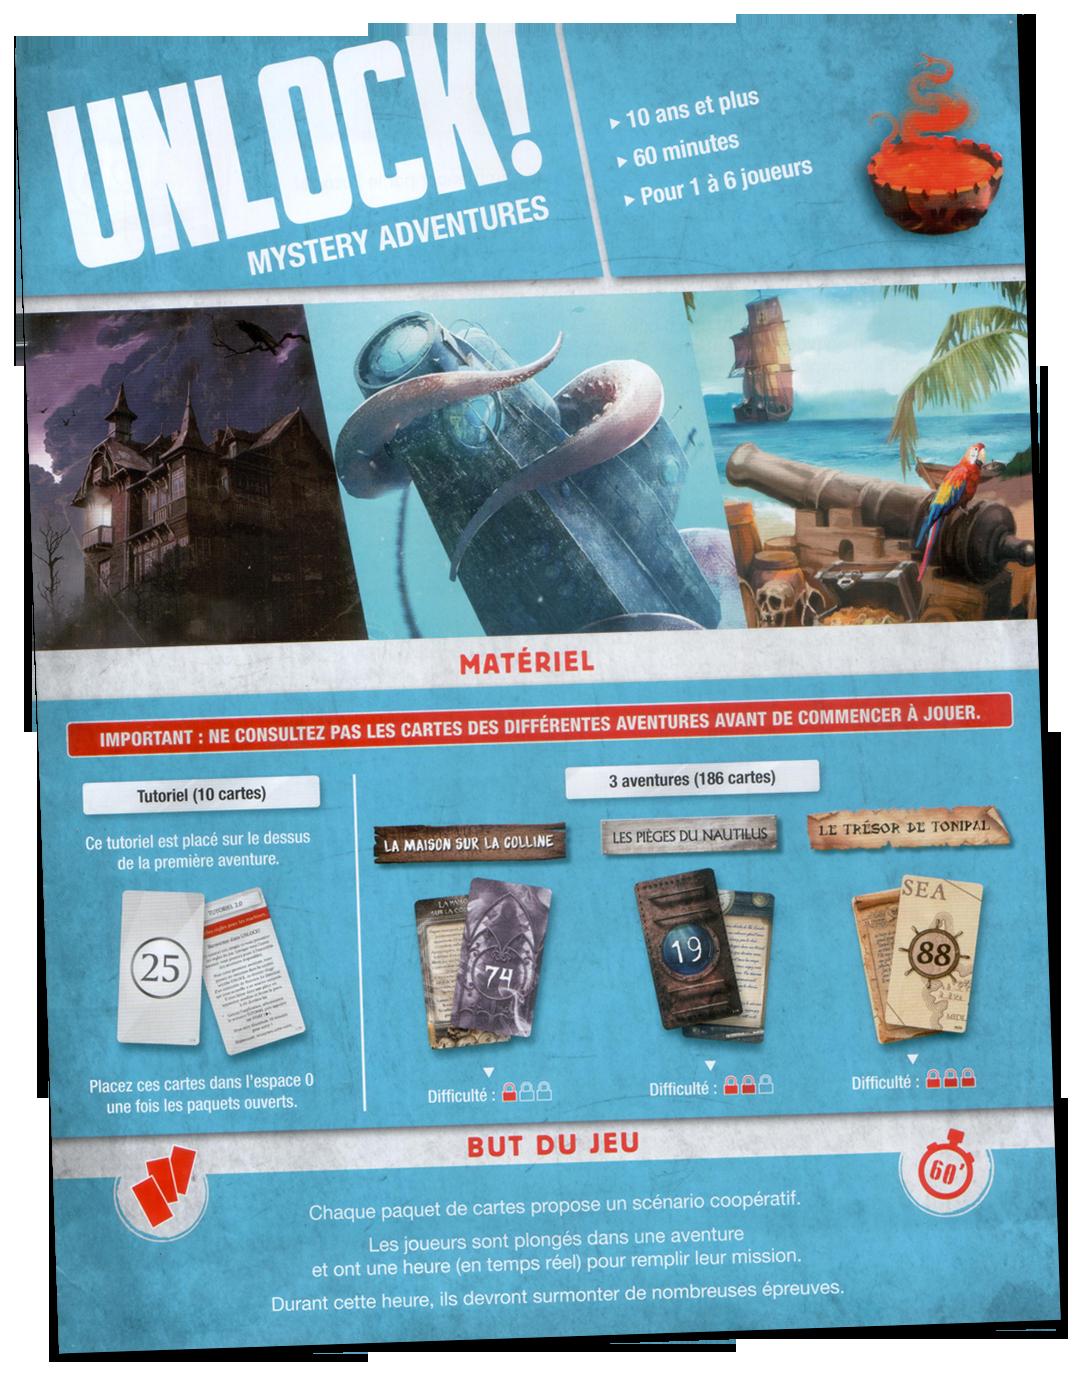 Unlock ! Mystery Adventures, le livret de règles © Space Cowboys